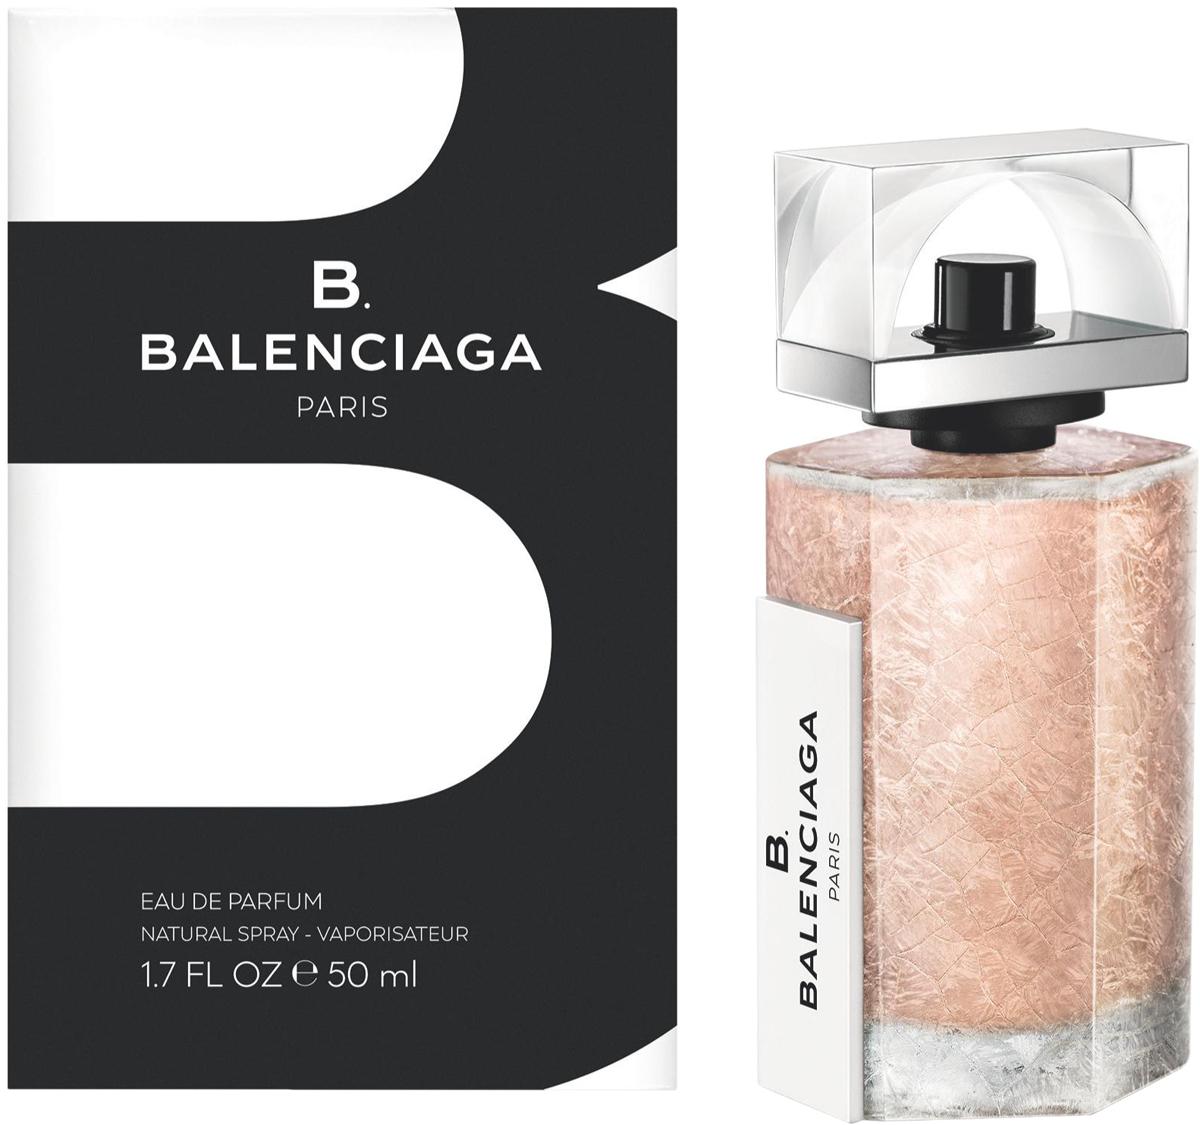 Balenciaga B. Парфюмерная вода женская, 50 мл71990006000Первый аромат Balenciaga от Alexander Wang, свежий древесный аромат, изысканный и утонченный. Воплощает стиль женщины Balenciaga - современная женственность, изящная элегантность. Если Вам нравится сочетание прохлады свежих нот и чувственности мускусного шлейфа - B. Balenciagа не оставит Вас равнодушной! На границе классики и авангарда Balenciaga создает новую парфюмерную историю B. Balenciaga. Изящный и благородный, аромат отражает суть современной героини Balenciaga.ВЕРХНИЕ НОТЫ: Аккорды зеленых соевых бобов, Лилия.СРЕДНИЕ НОТЫ: Фиалковый корень, Кедр.ШЛЕЙФ: Мускатный зарна, Кашмеран.